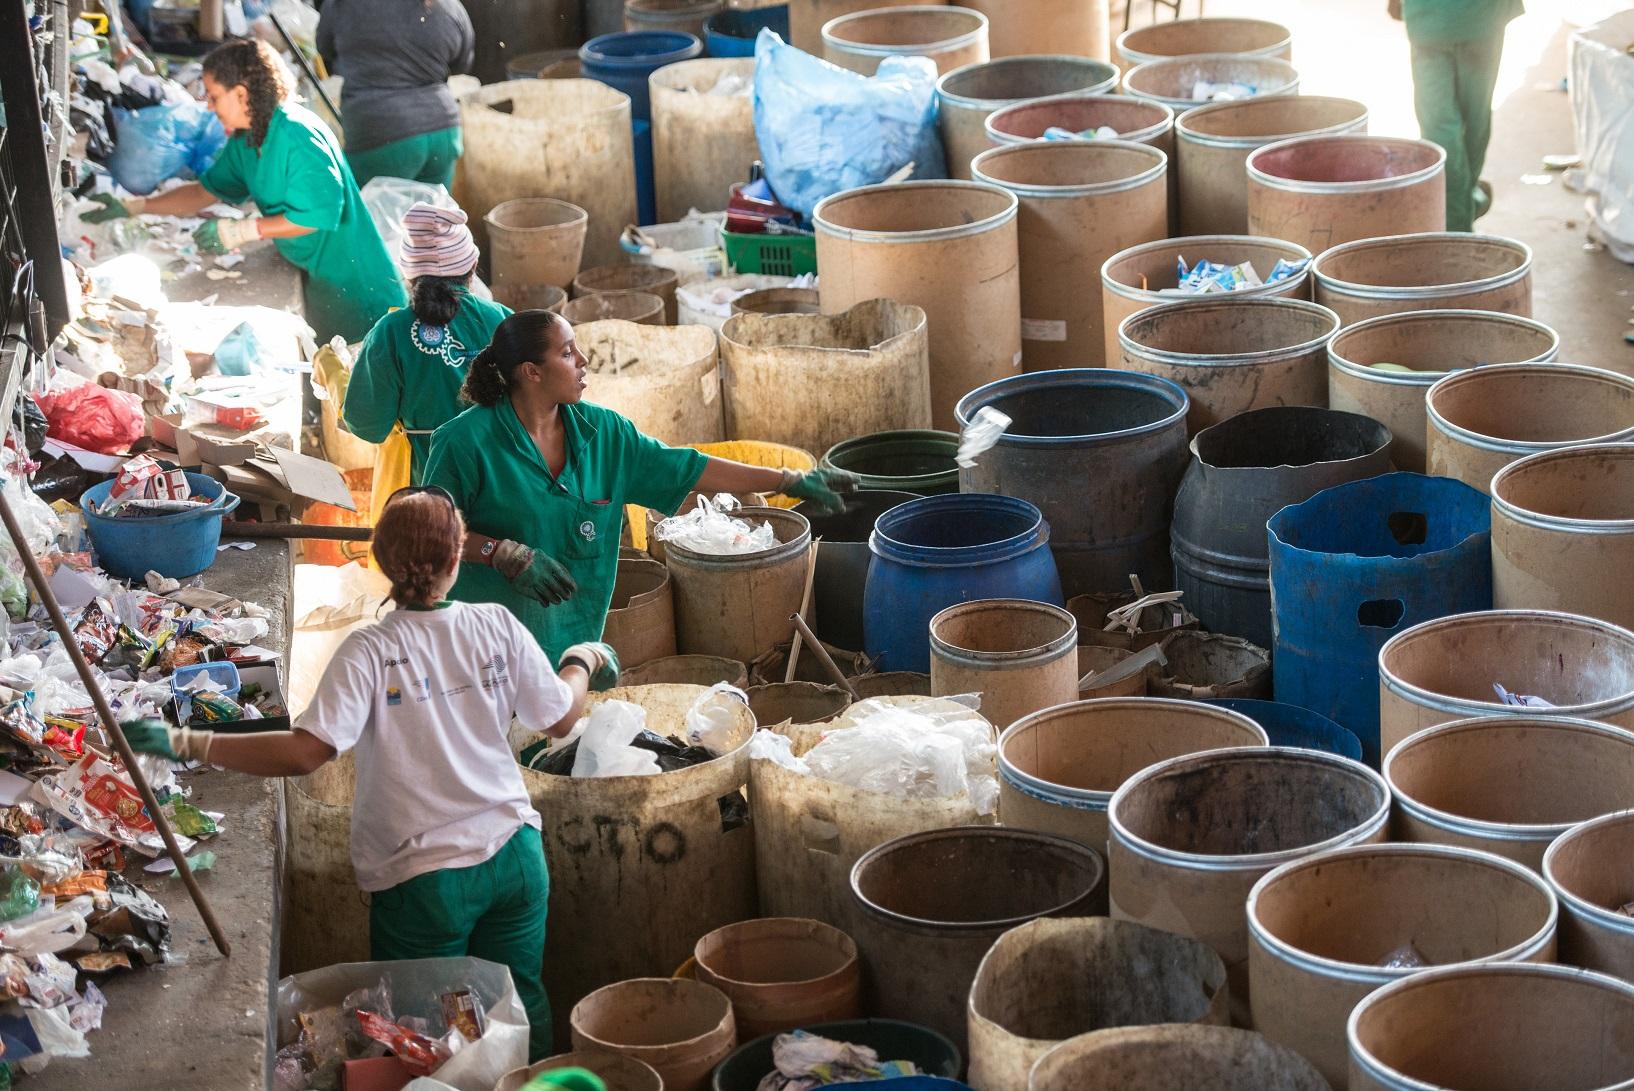 Trabalhadoras de uma cooperativa separam o lixo para reciclagem em São Paulo. Foto Yasuyoshi Chiba/AFP